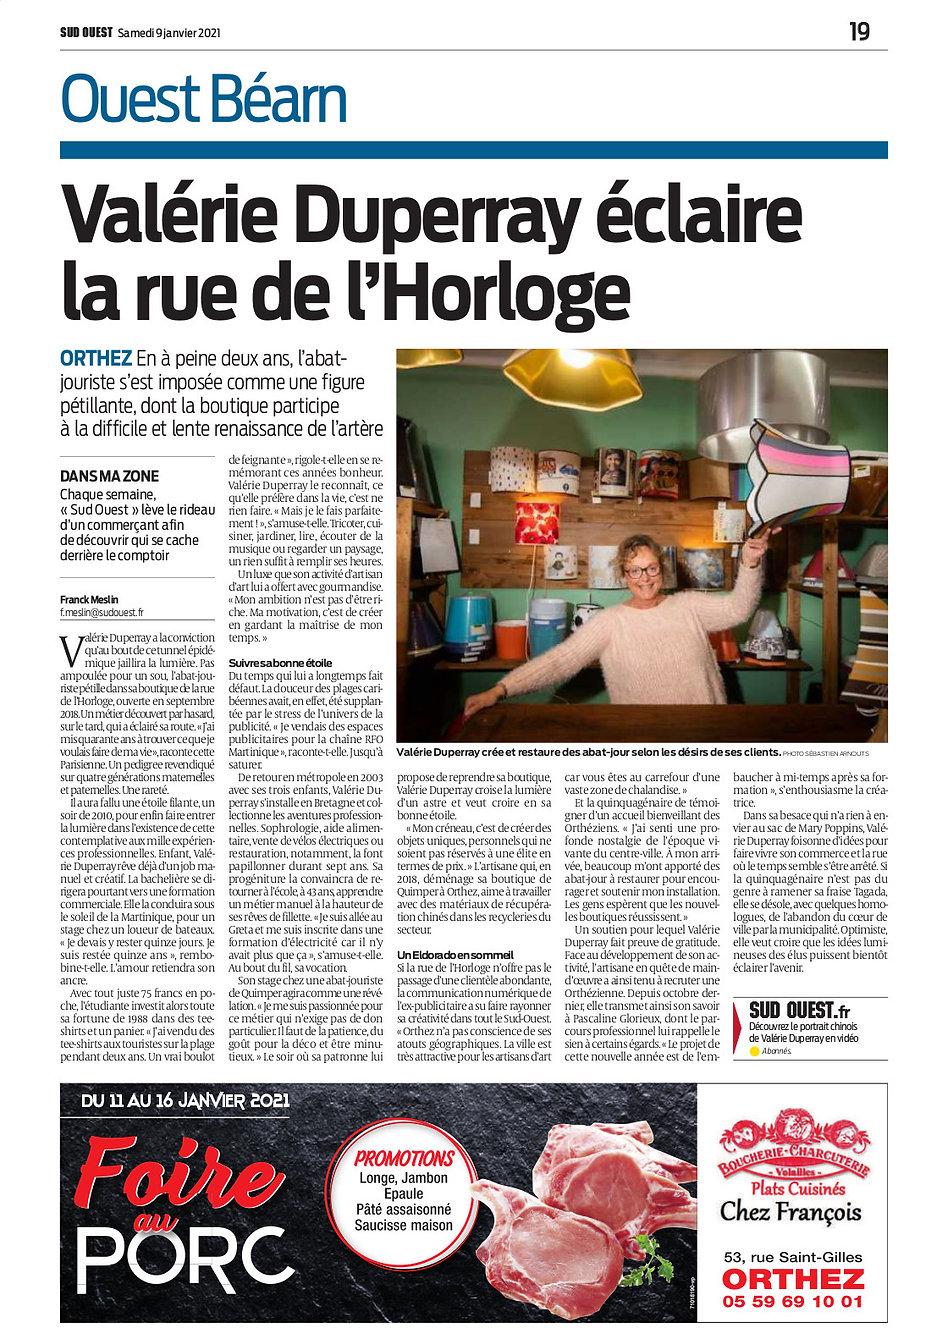 SO_Béarn du09janvier2021 page19.jpeg